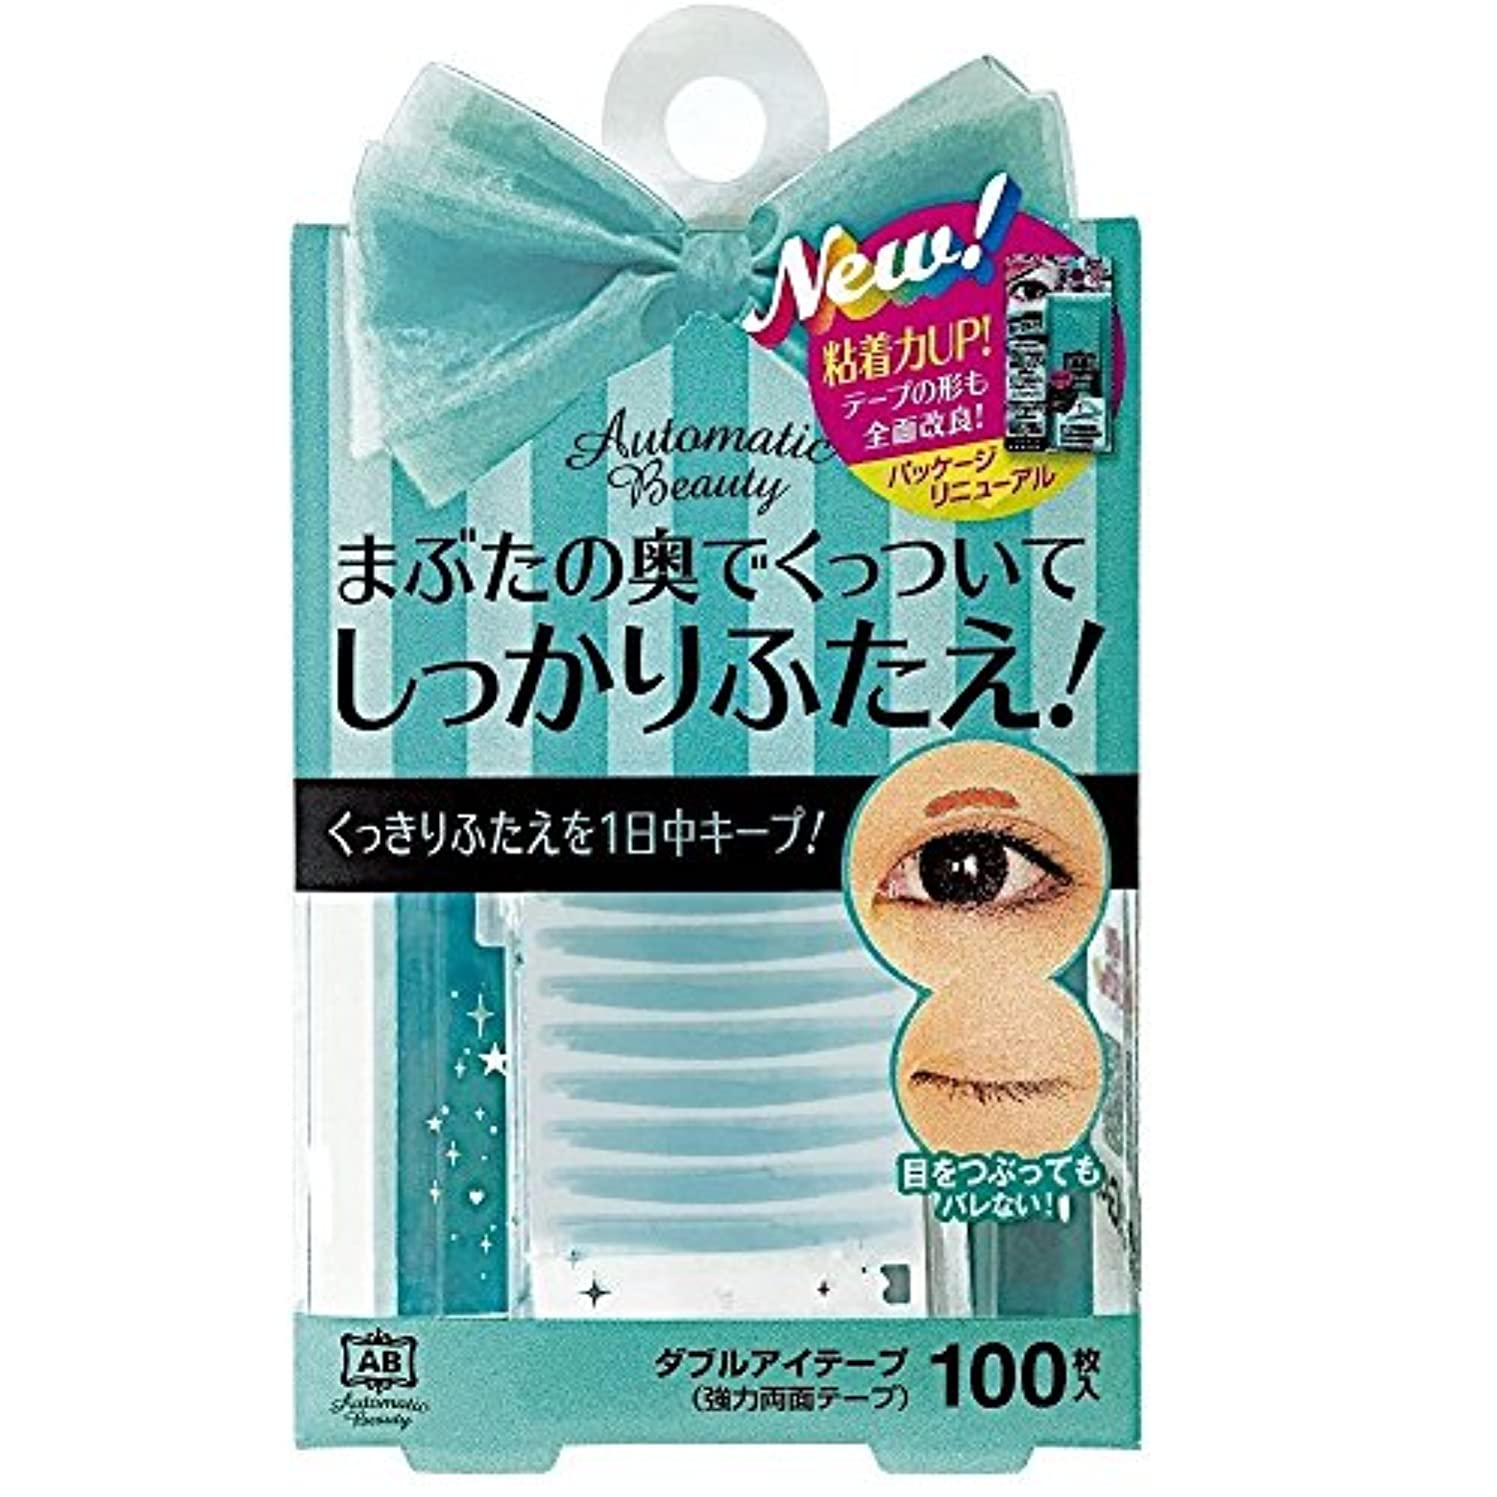 個人的な売り手瞳Automatic Beauty(オートマティックビューティ) ダブルアイテープ 100枚